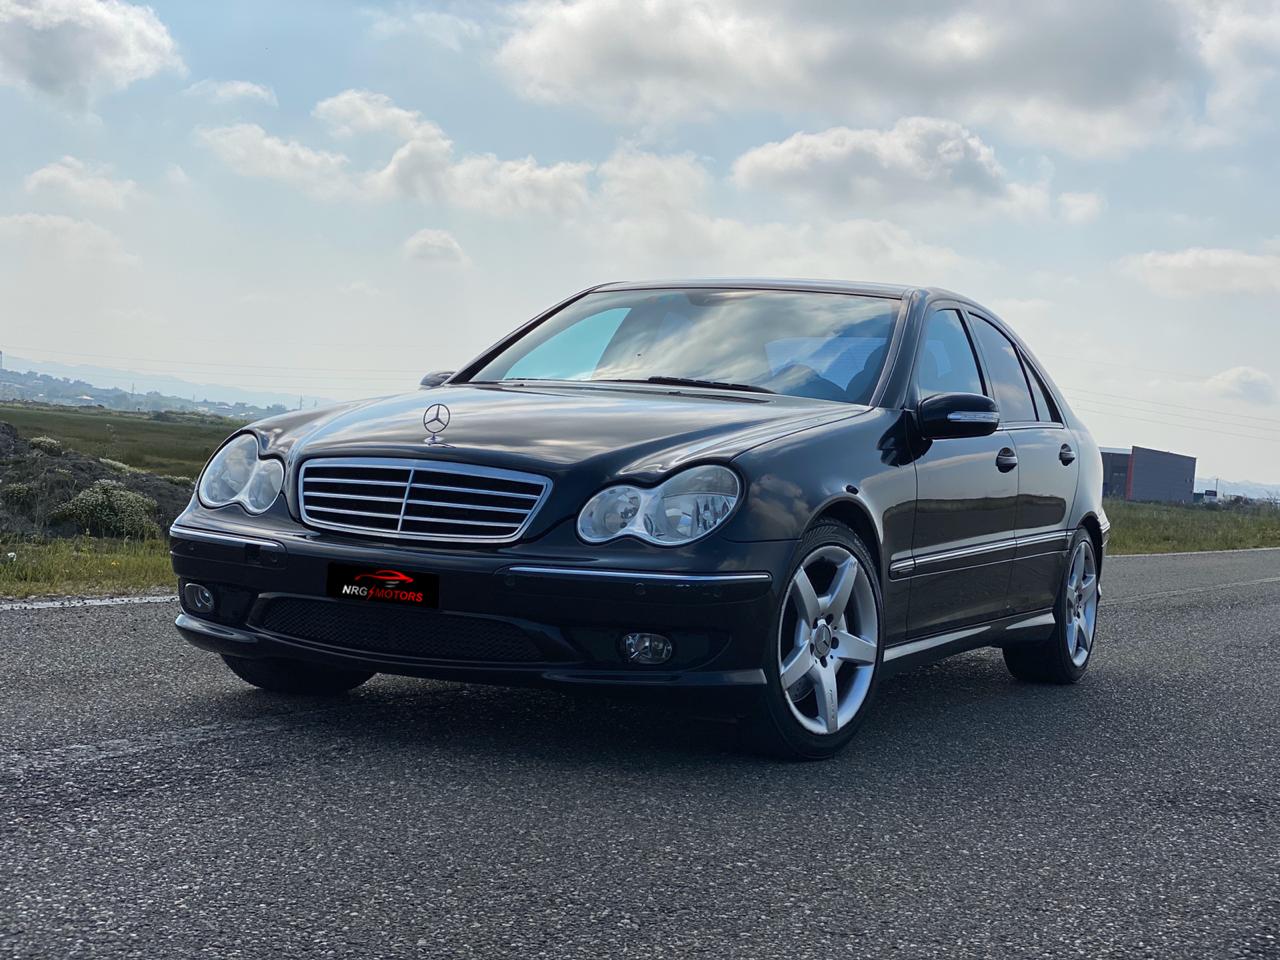 Mercedes Benz C200 Kompressor ne shitje. Kambio manual, e sapoardhur nga Zvicra, goma të reja dhe mundësi për tu bërë me gaz. Benz c class 2005 ne shitje Mercedes Benz C200 Kompressor